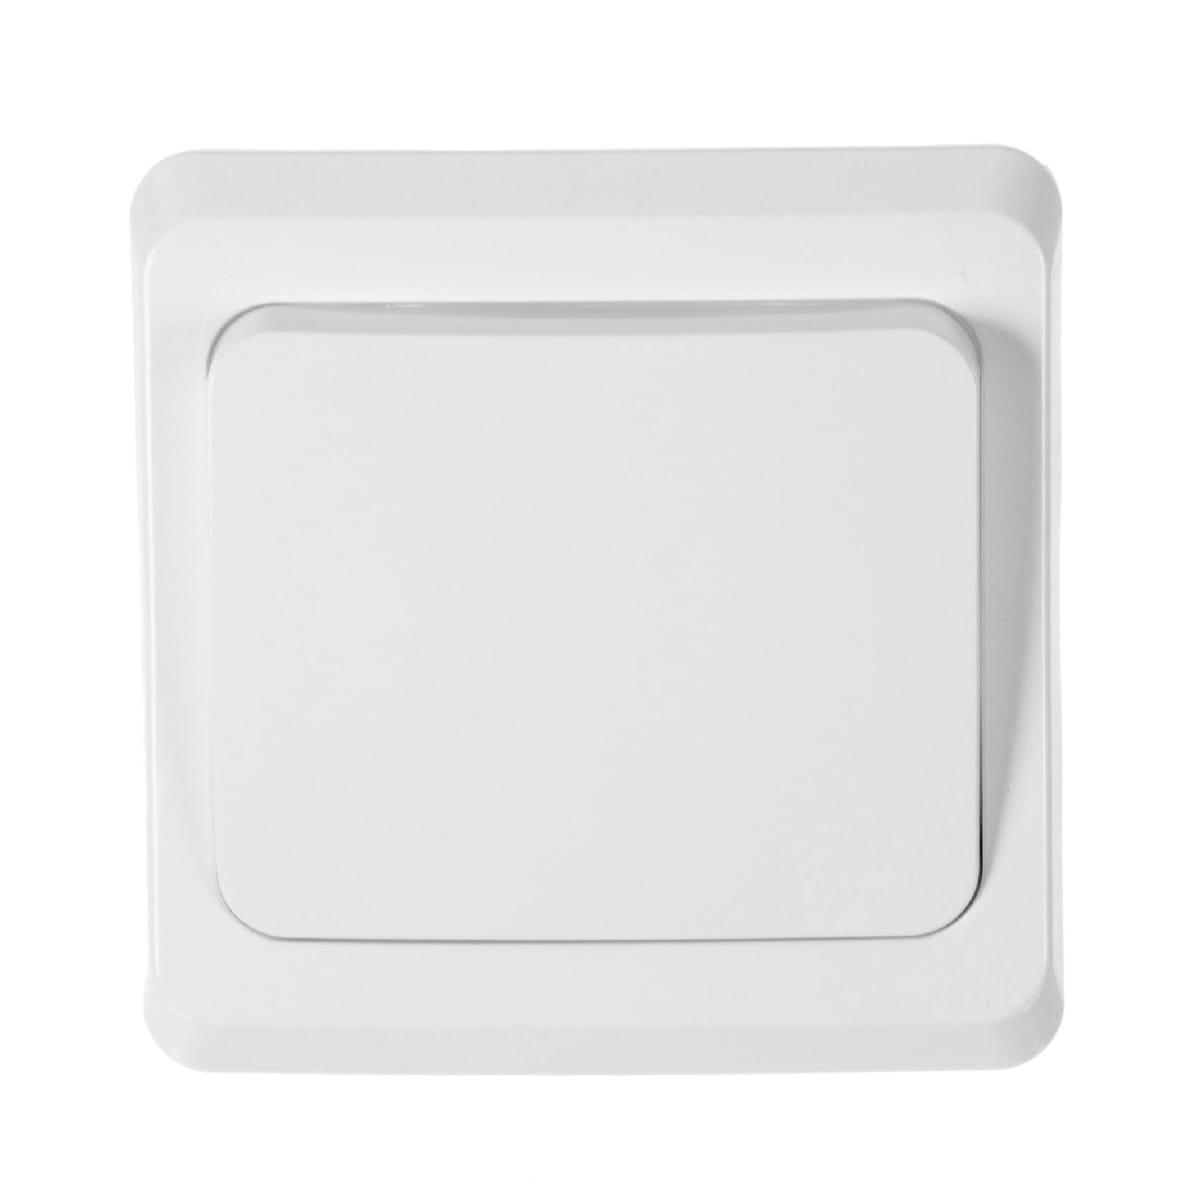 Выключатель встраиваемый Schneider Electric Этюд 1 клавиша, цвет белый